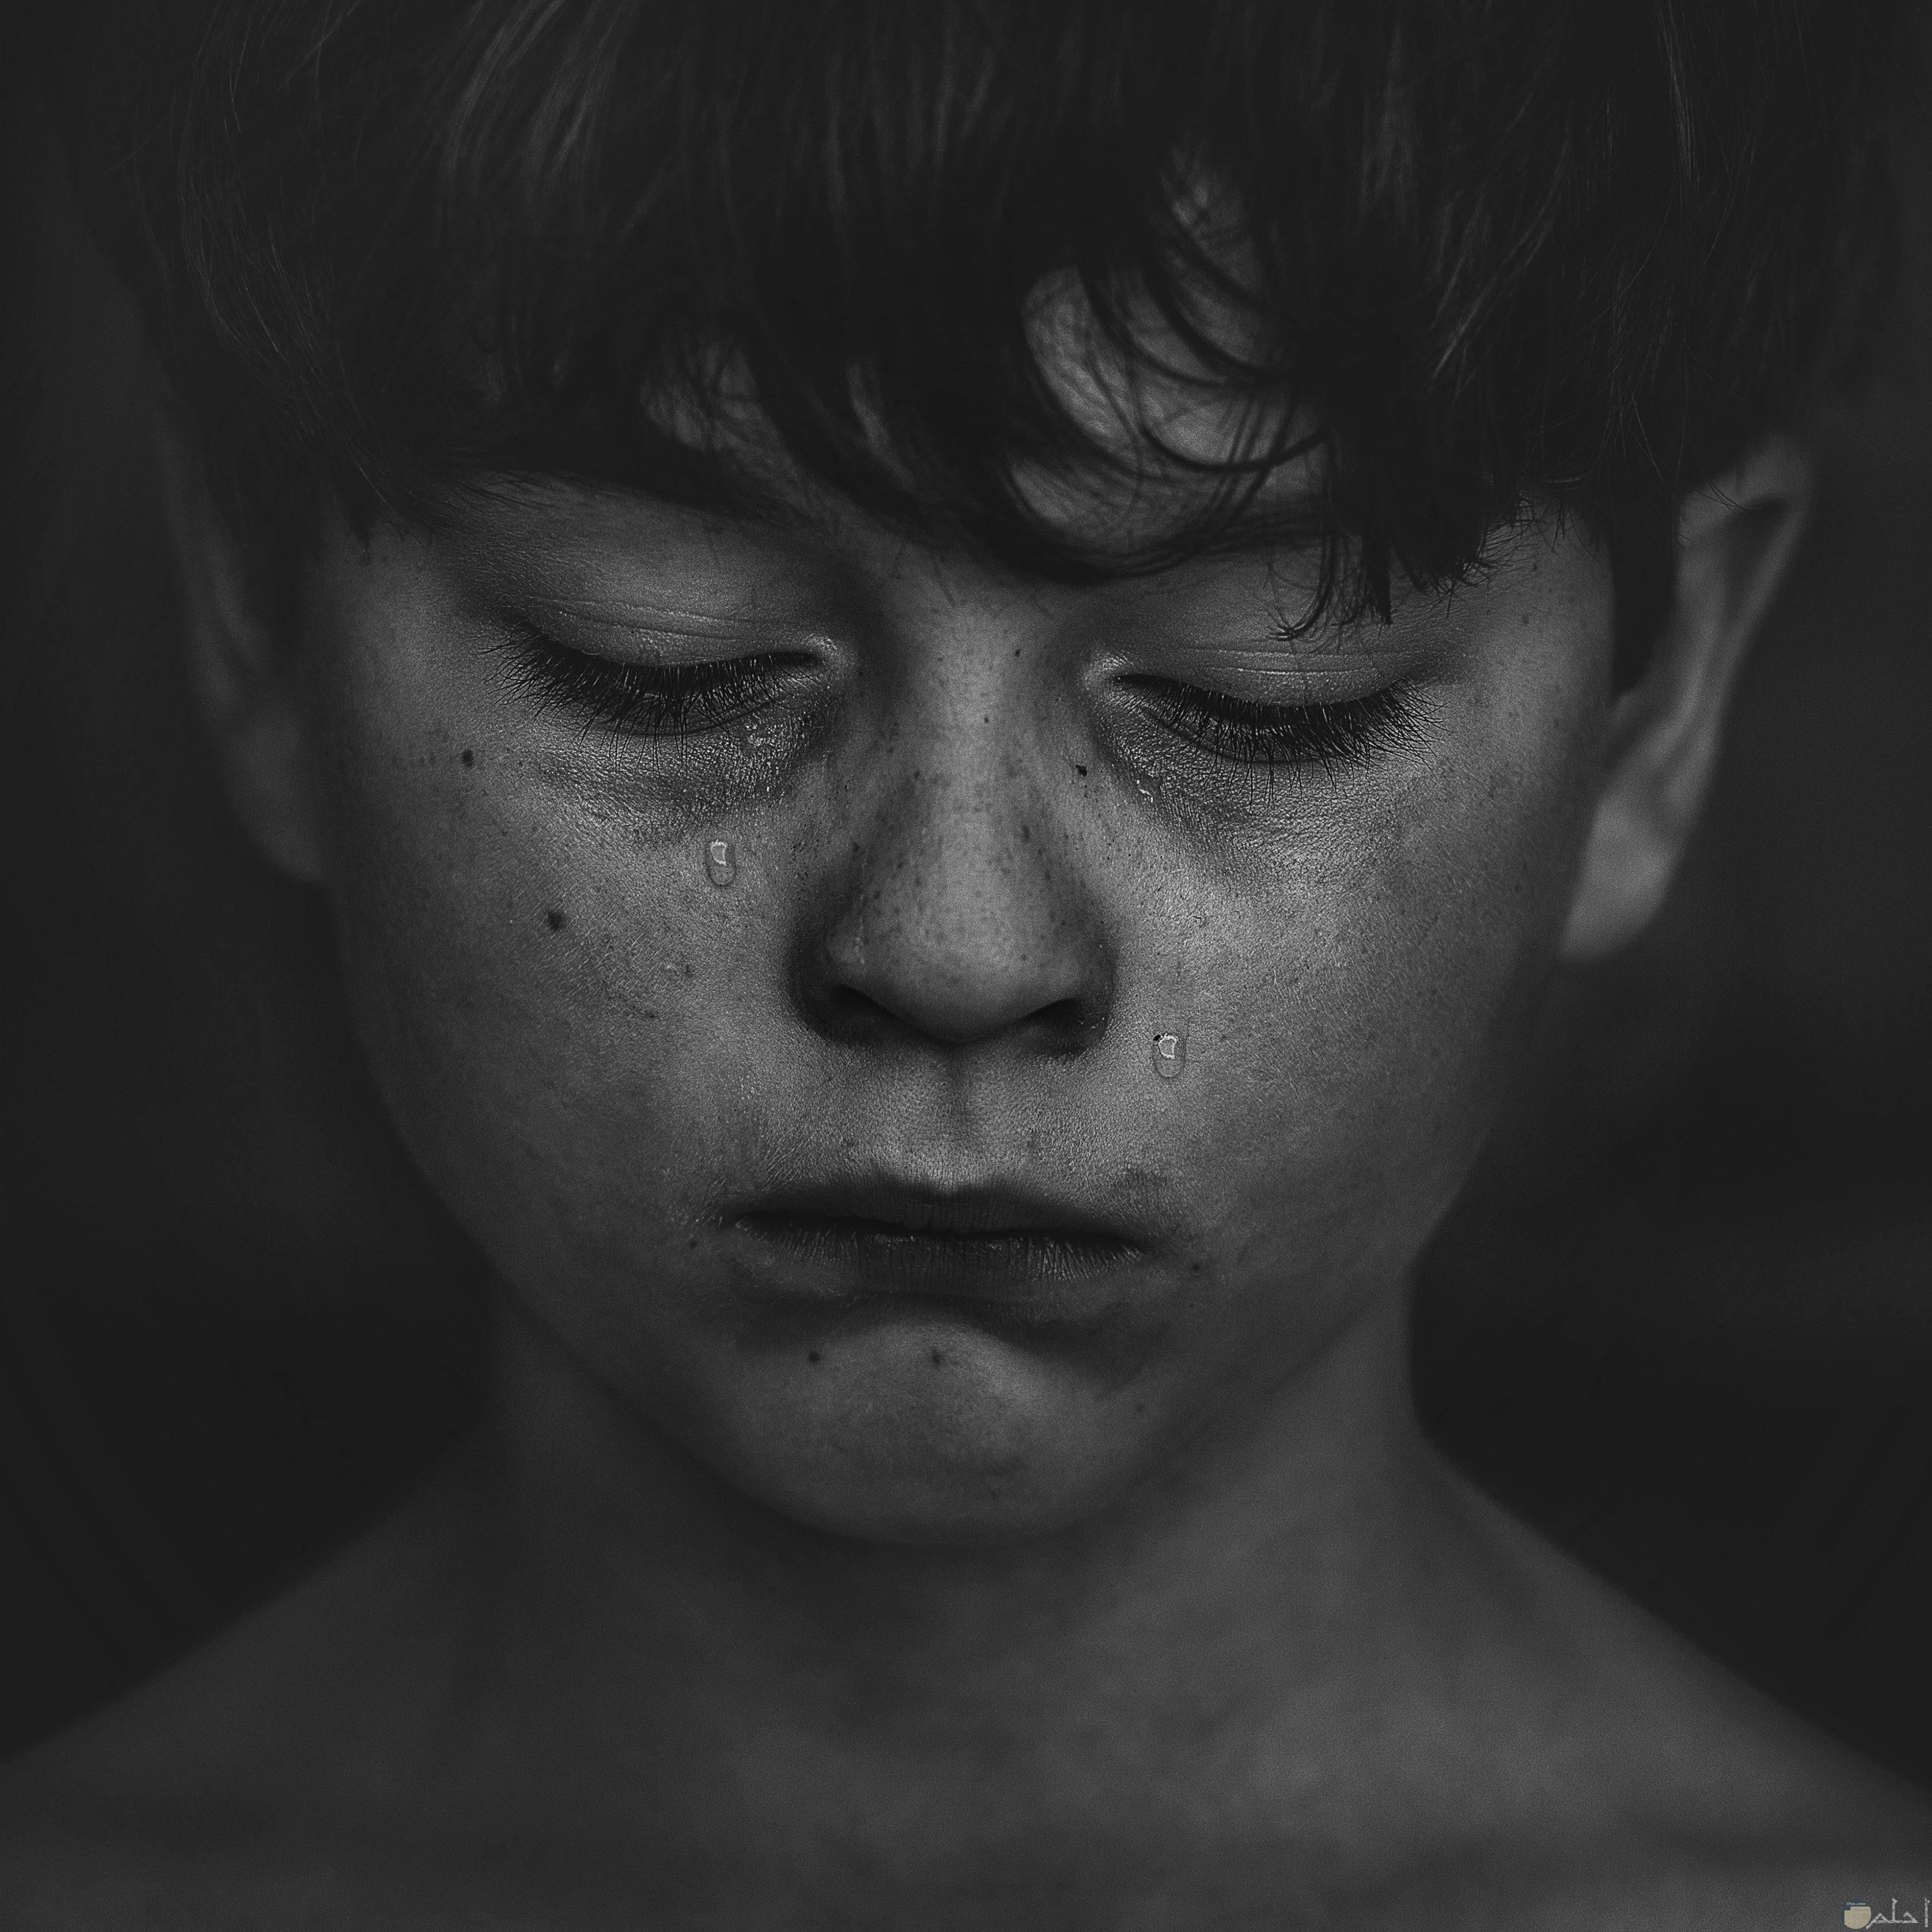 شاب صغير تملكه الحزن.